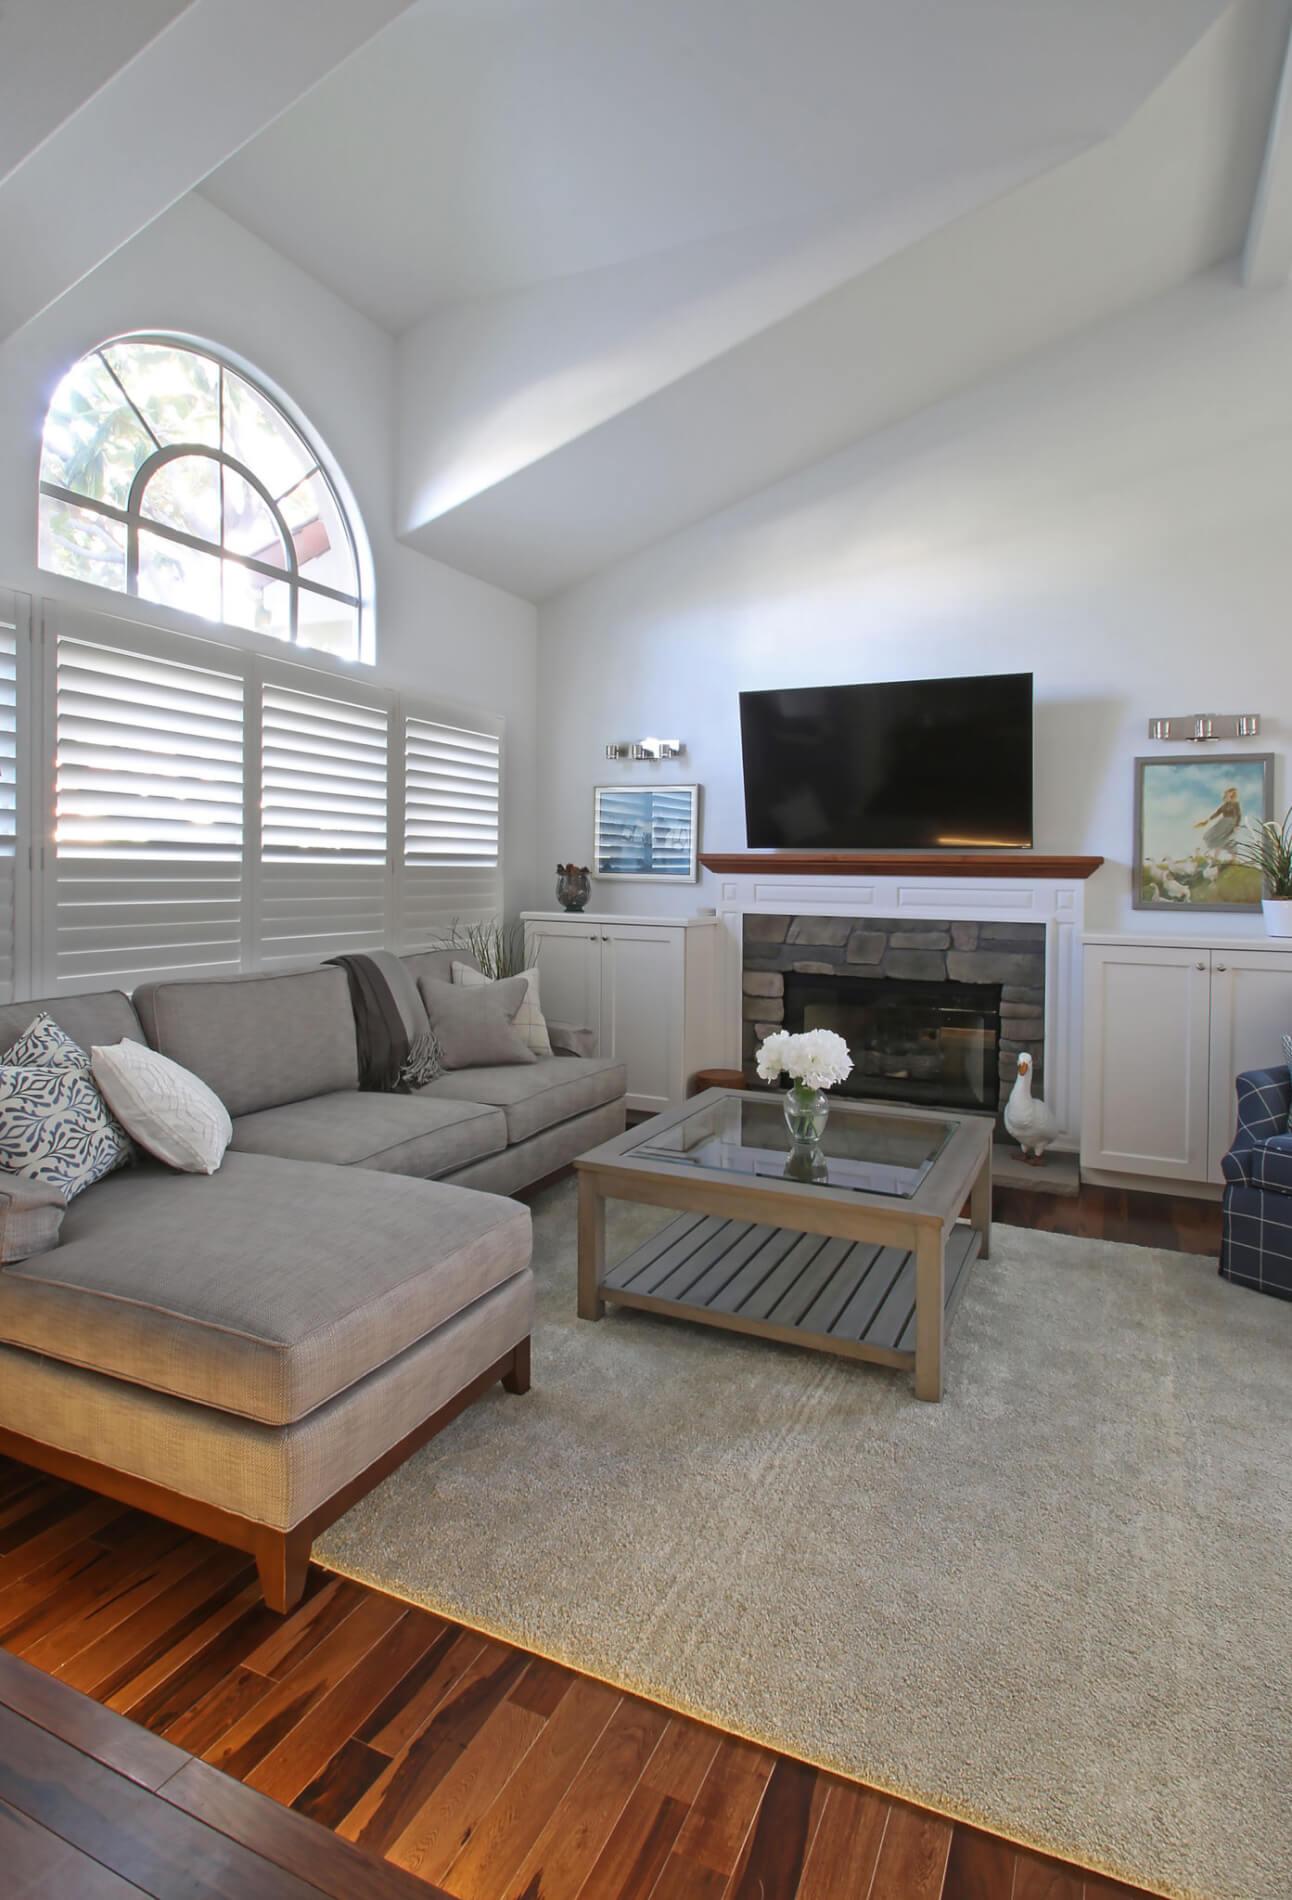 Family Room Remodel in Orange County California